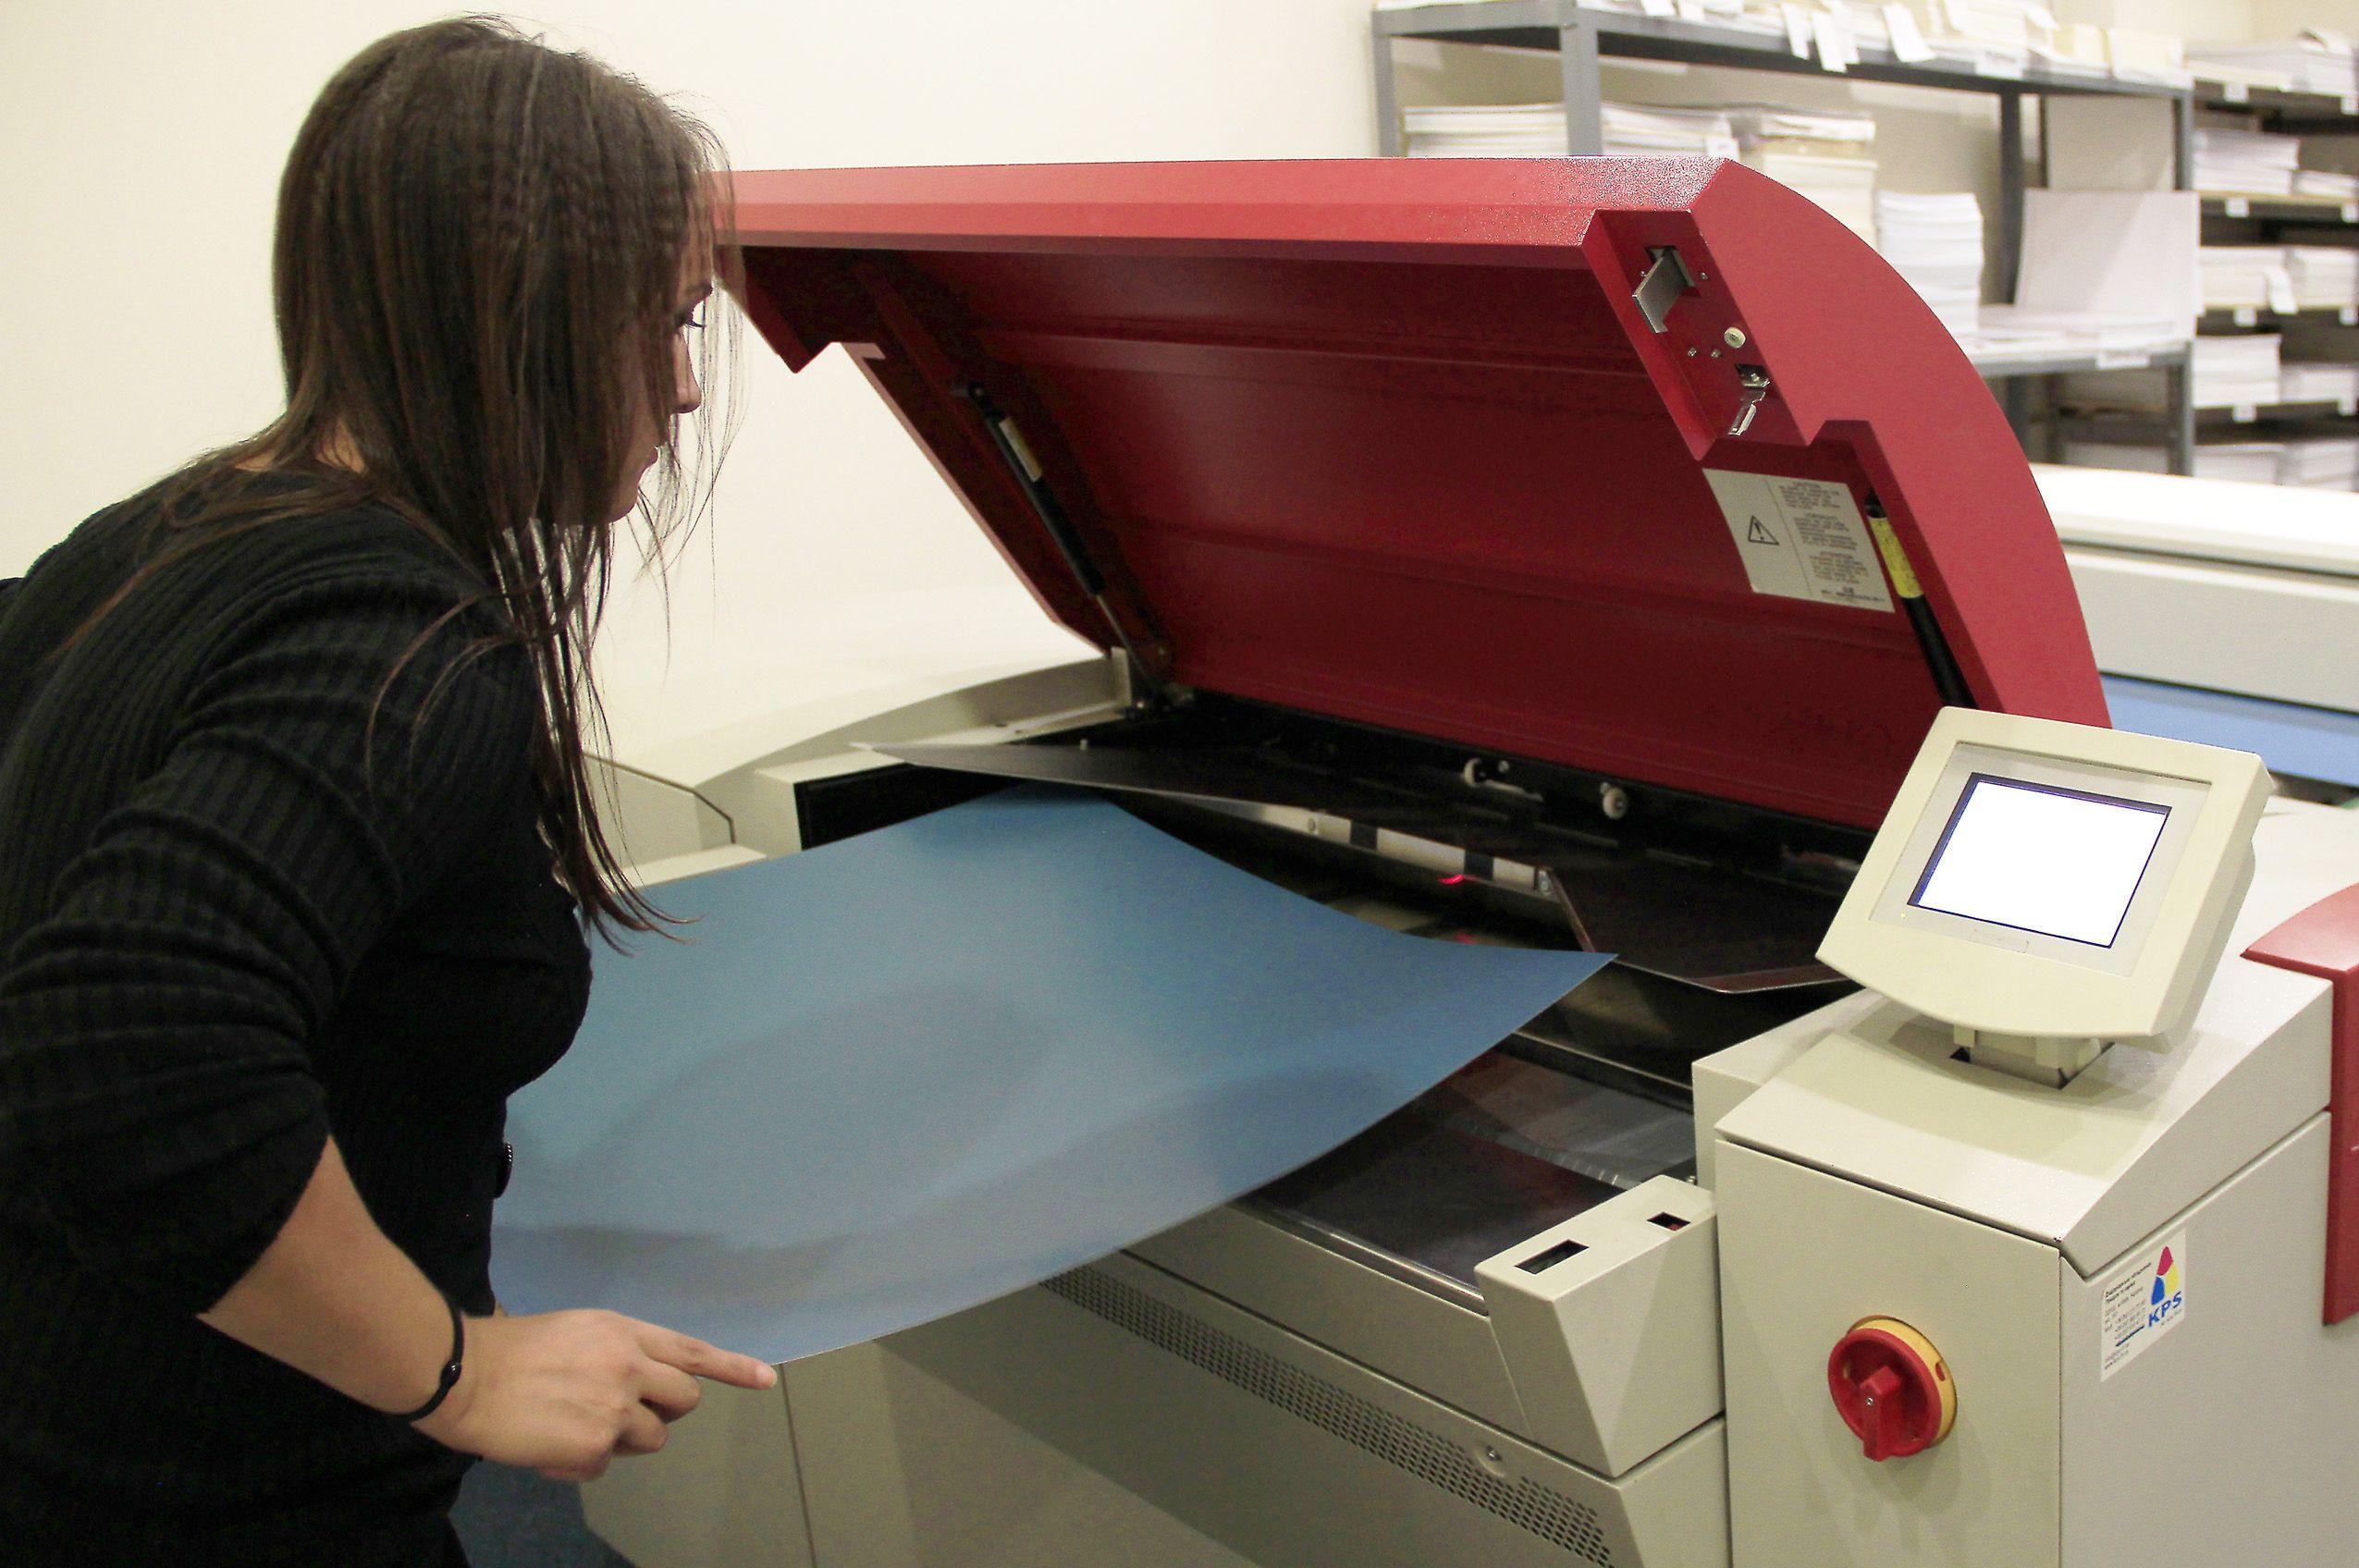 оборудование для выведения печатных форм дизайн принт Украина